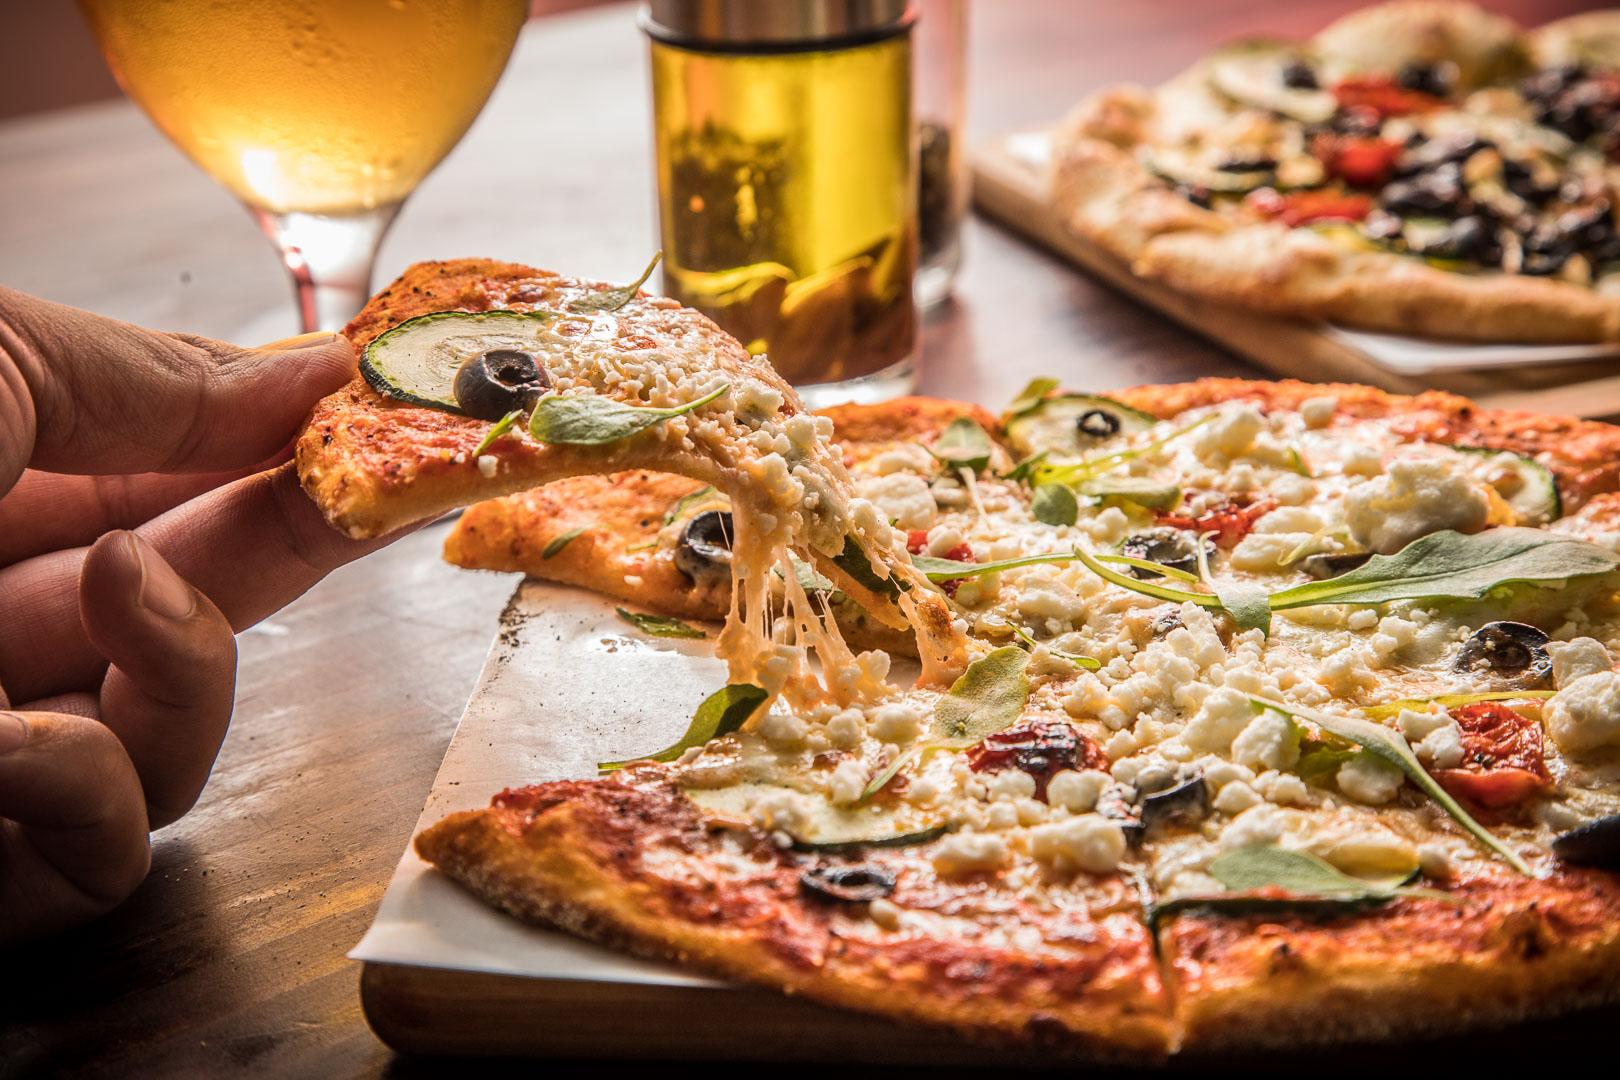 這義式披薩極品呀!連外國人都超愛的披薩吃起來準沒錯!La Bocca 義式手作披薩